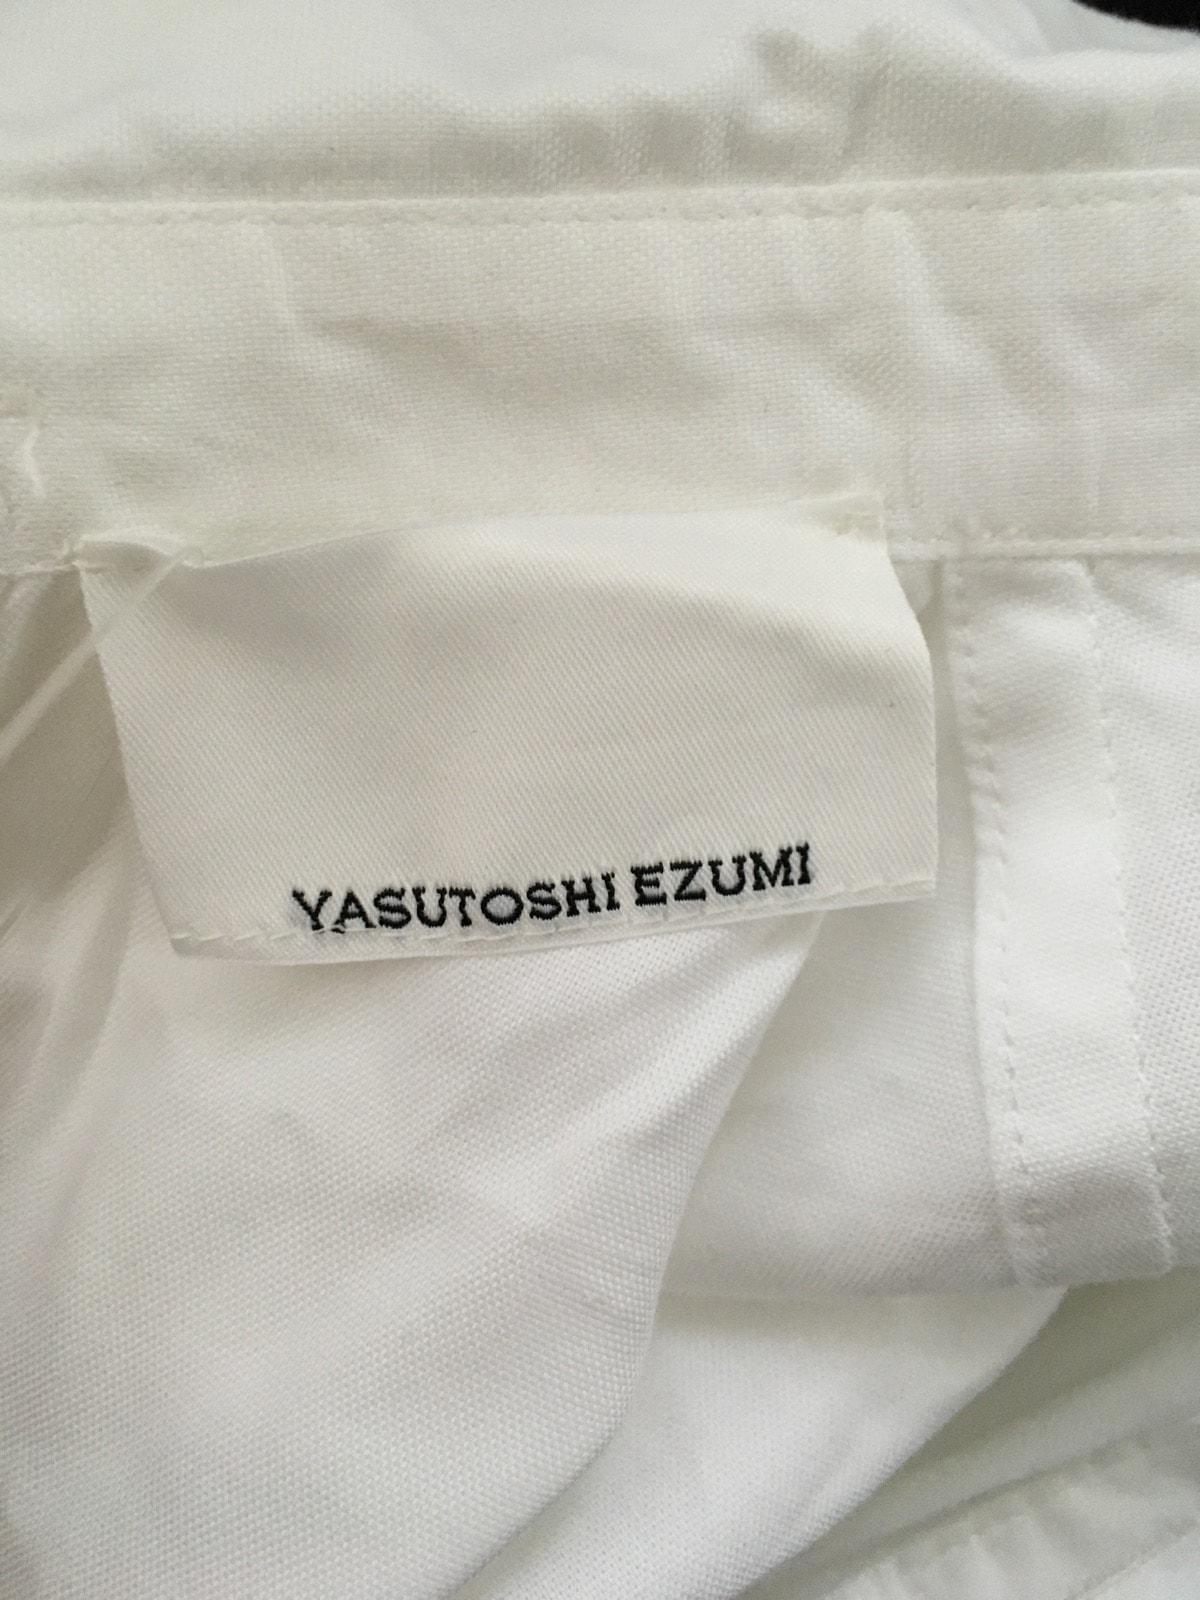 Yasutoshi Ezumi(ヤストシ エズミ)のシャツブラウス